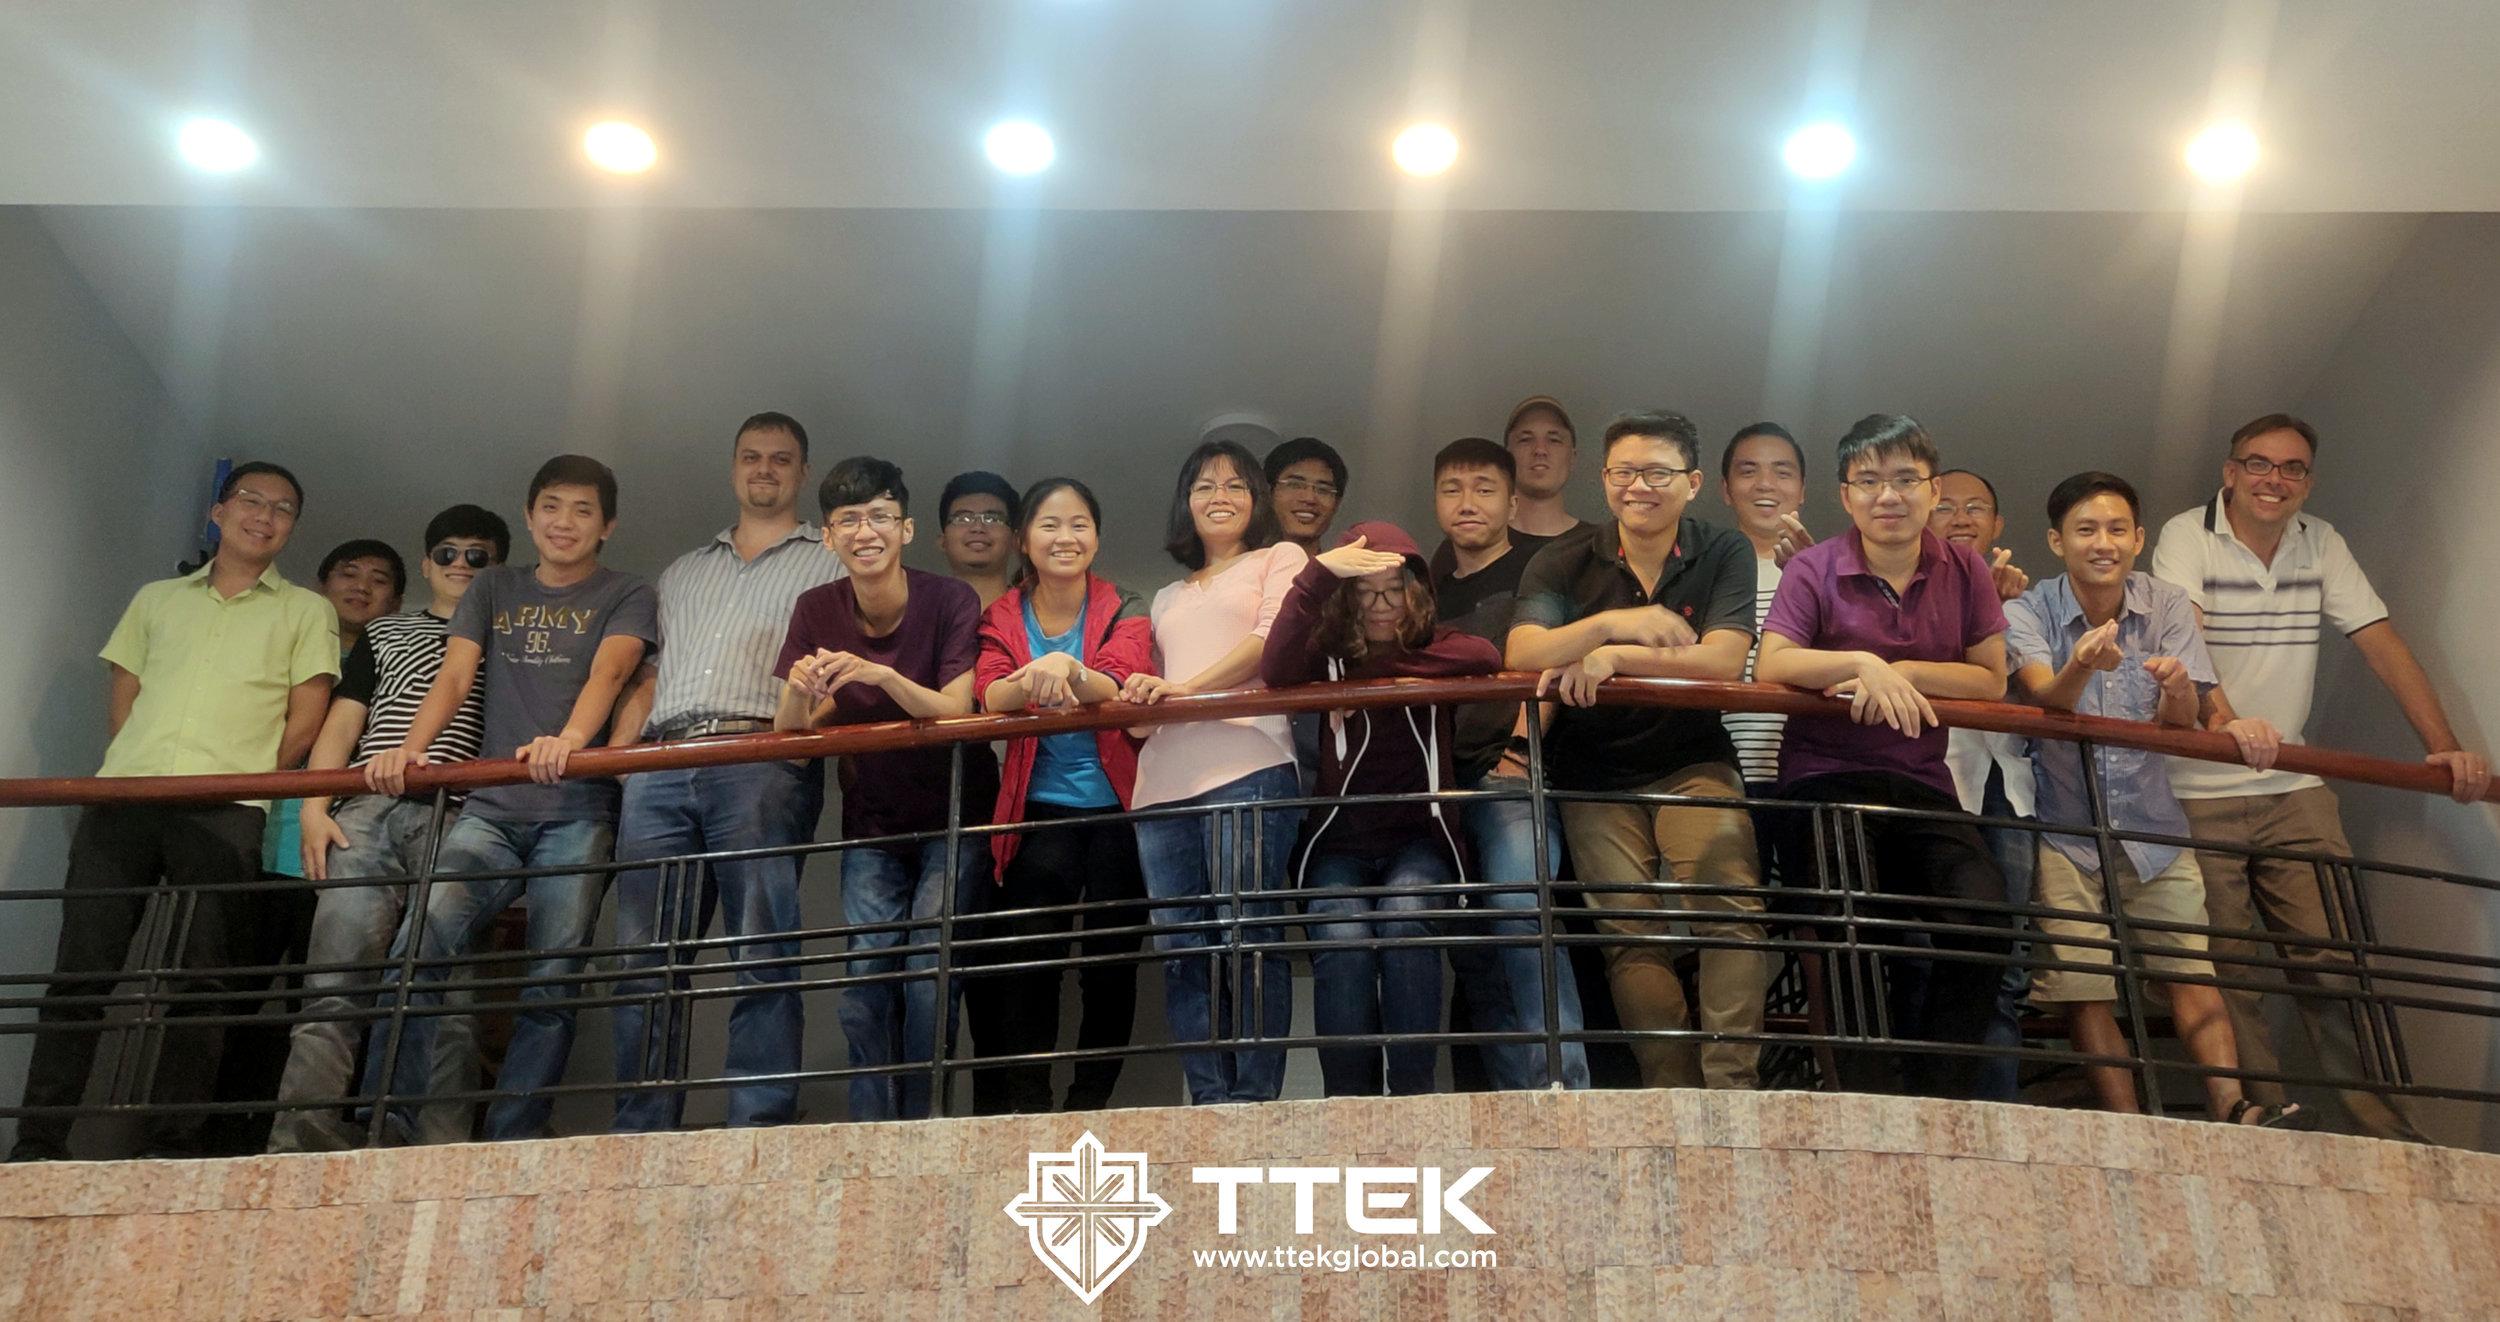 TTEK Vietnam Dev team.jpg